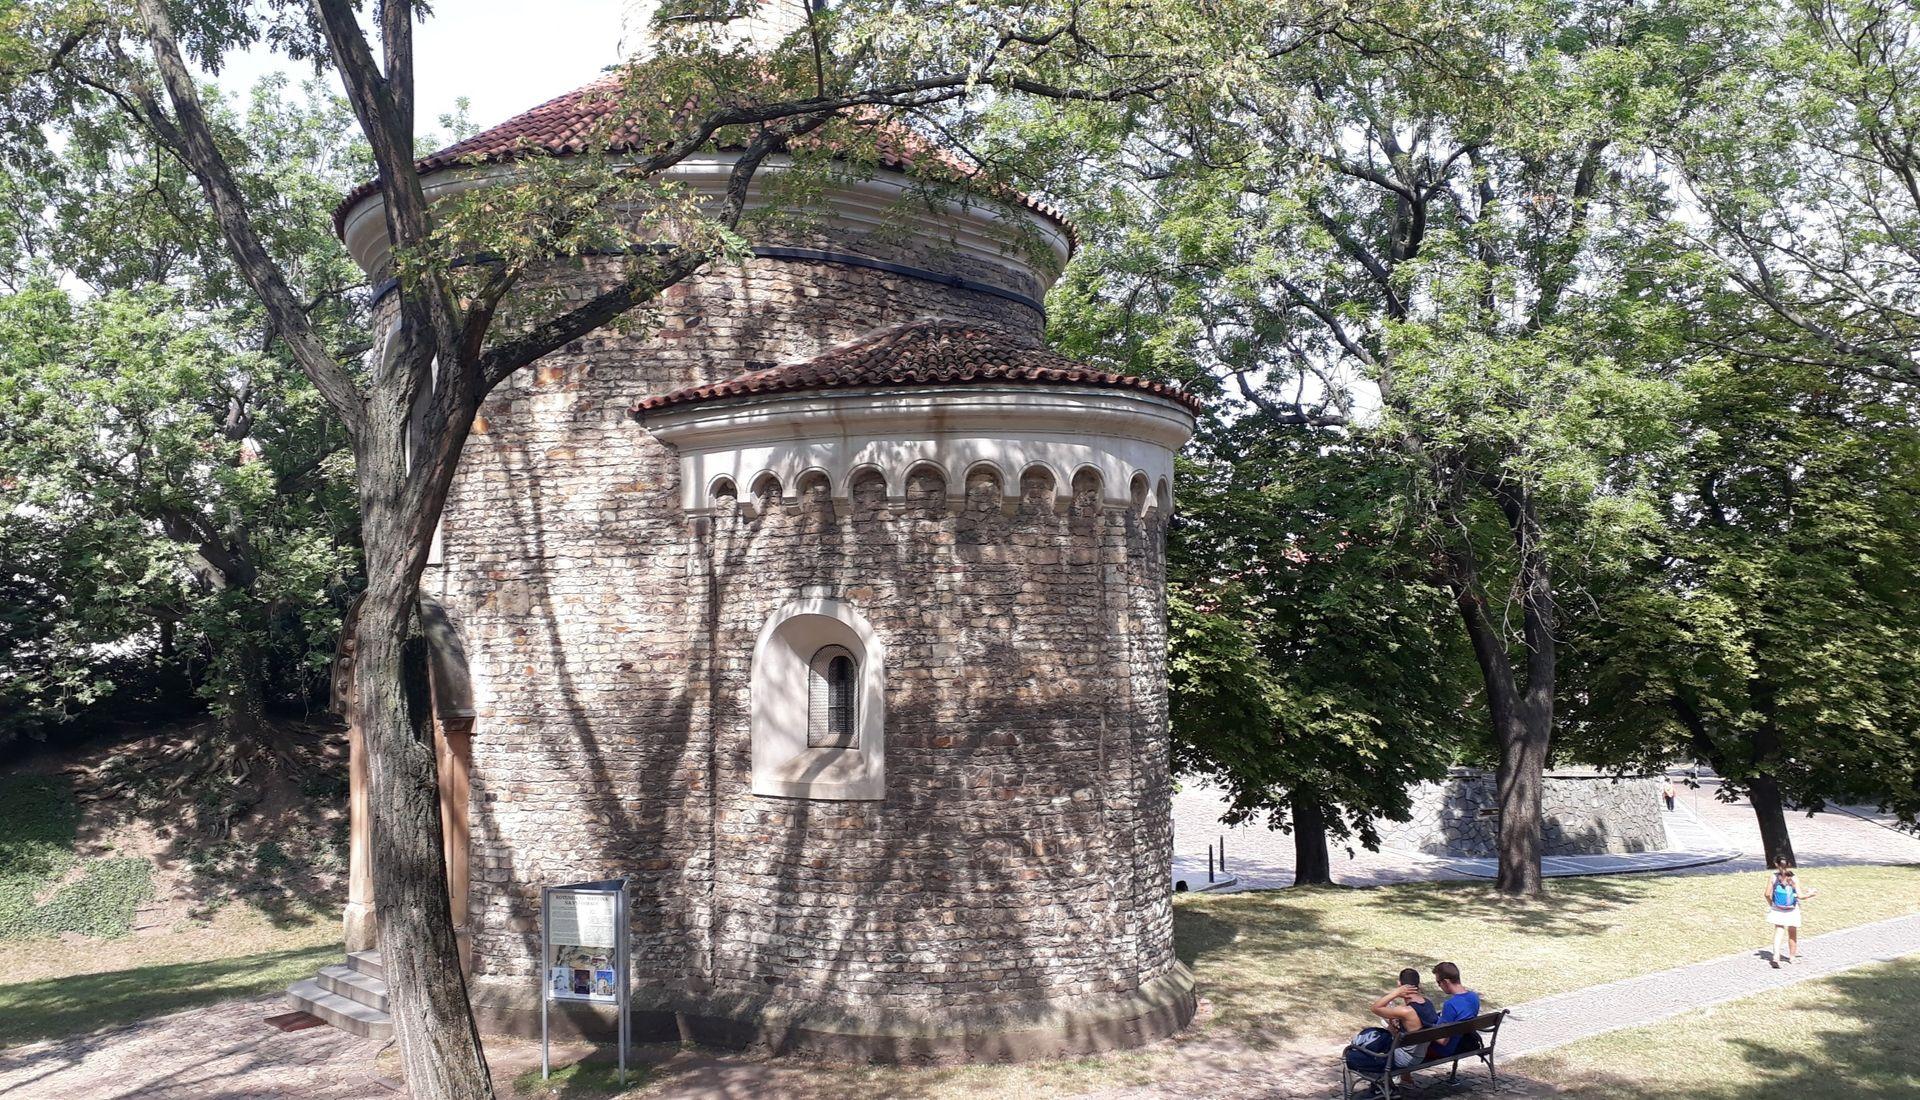 The Rotunda Prague